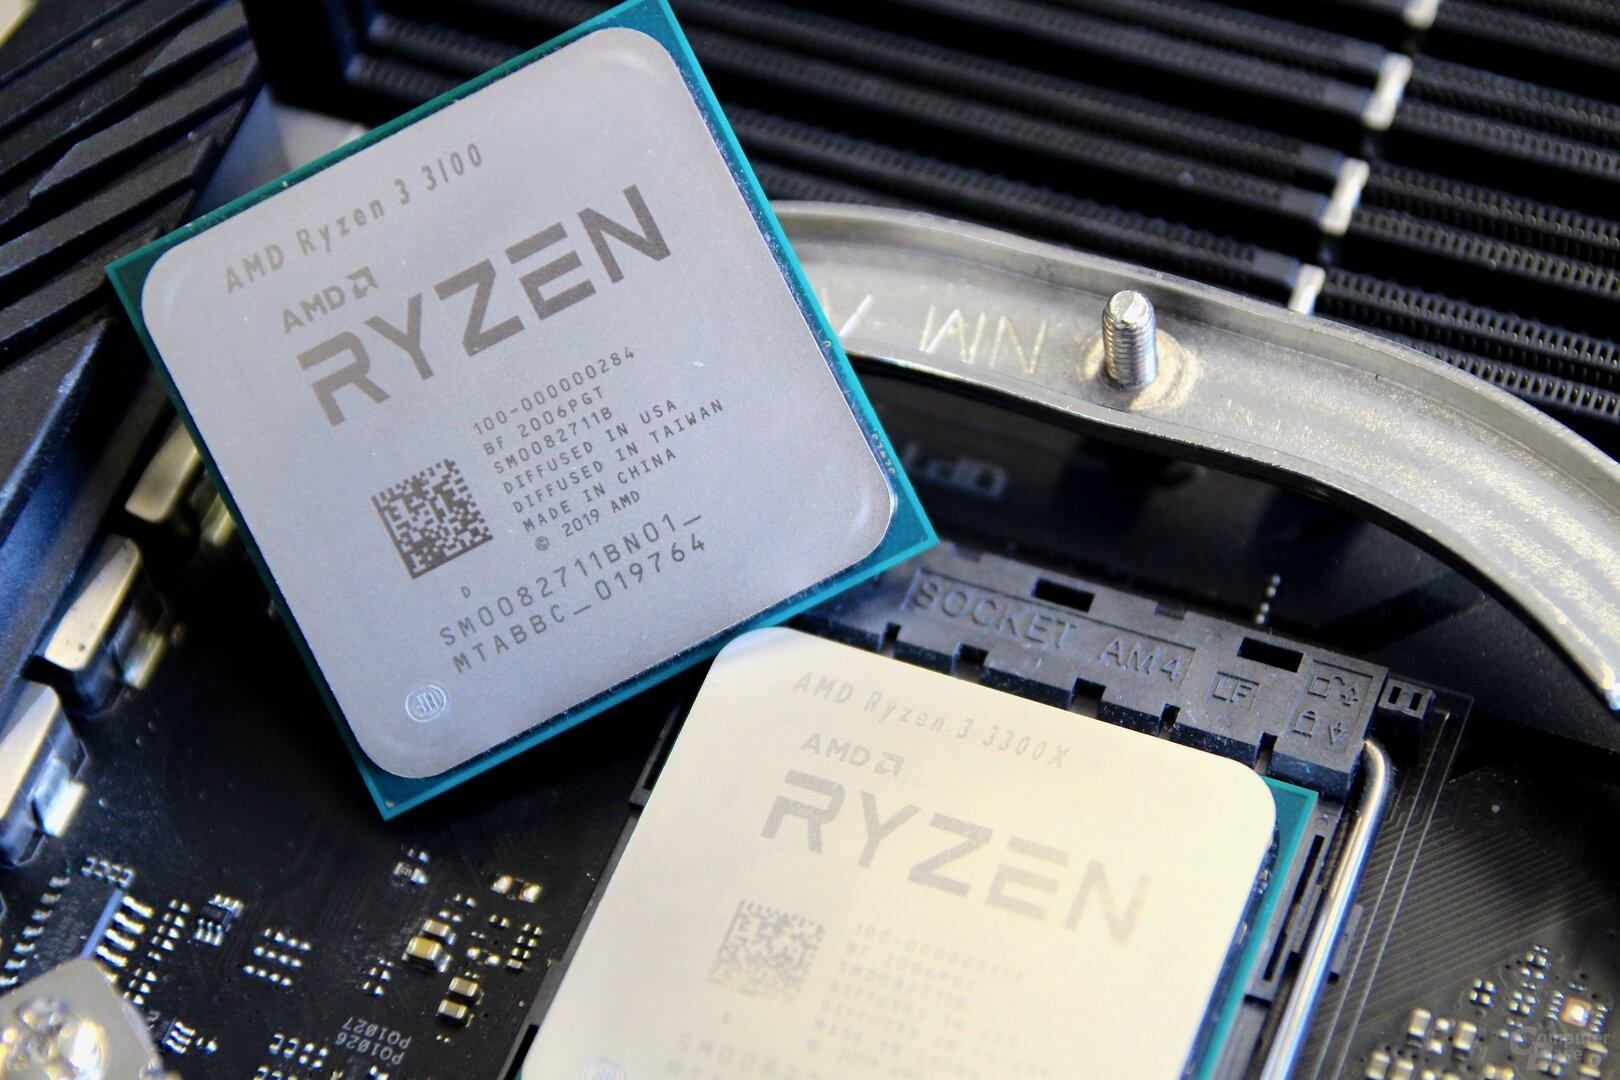 AMD Ryzen 3 3300X und 3100 im Test